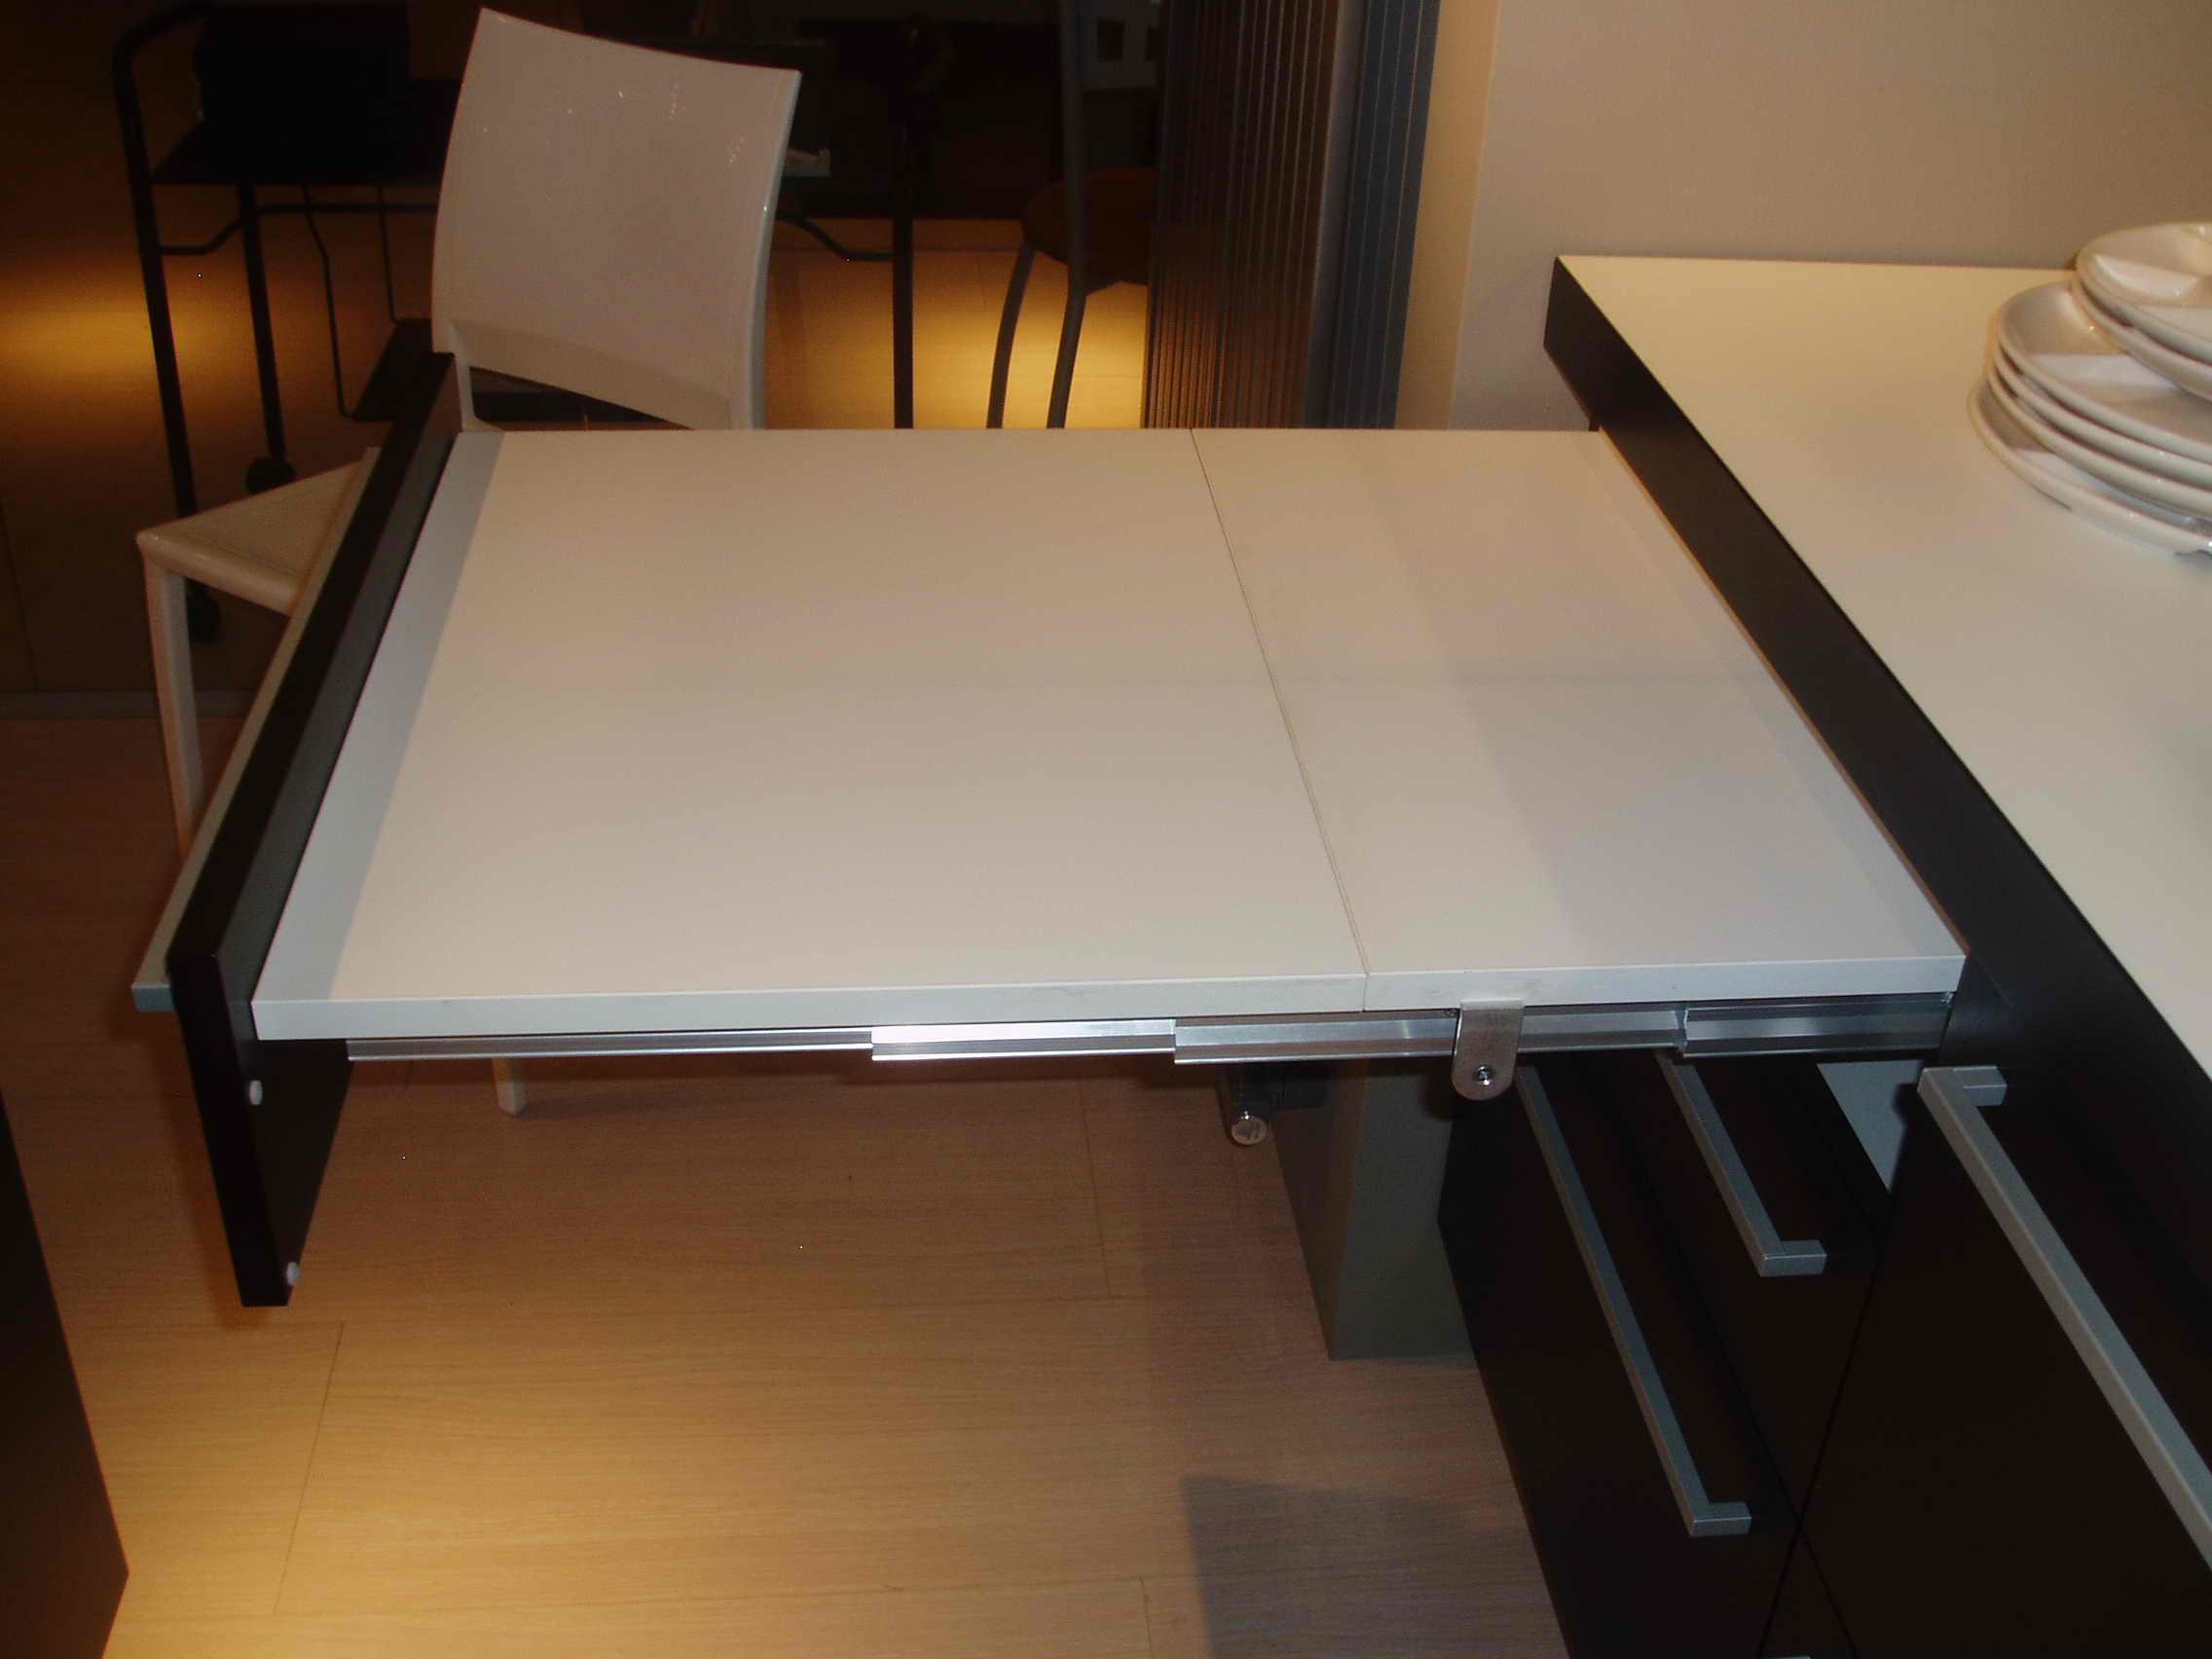 Forum Arredamento.it •piano Snack Cucina #956D36 2272 1704 Piano Di Lavoro Cucina Bricoman